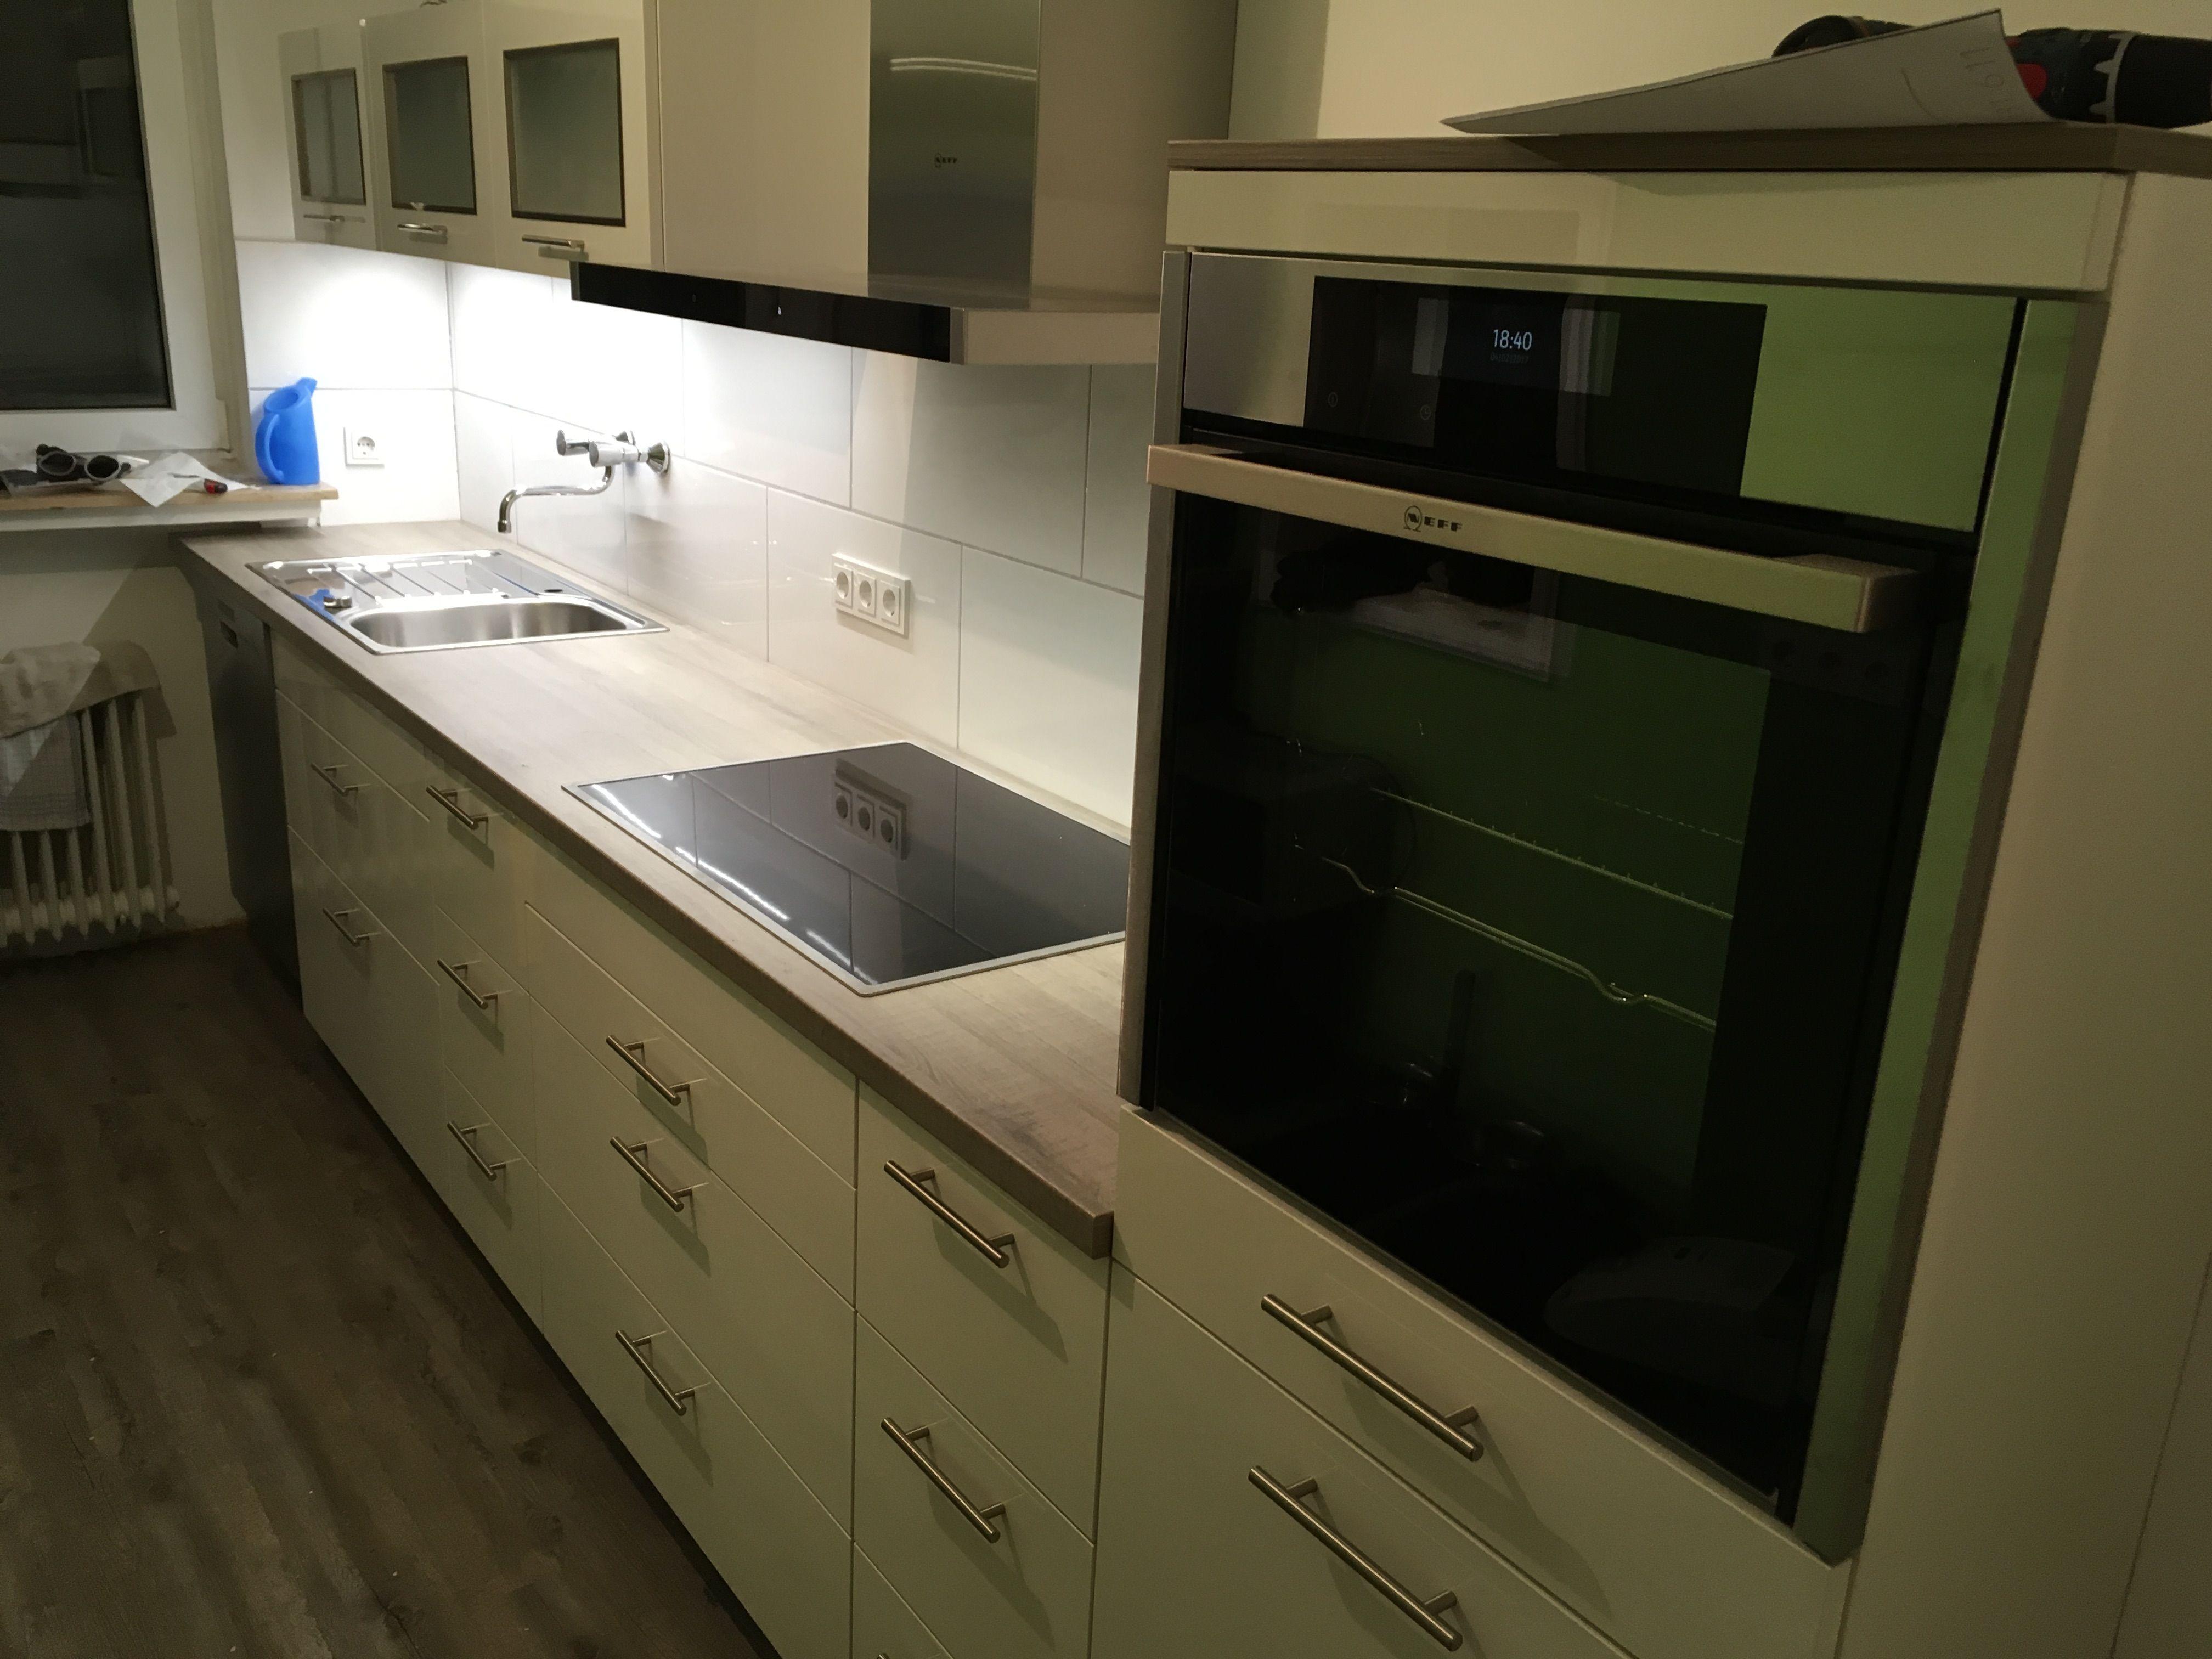 Amüsant Artego Küchen Referenz Von Elektrotechnik C. De Oliveira Baute Diese Schöne